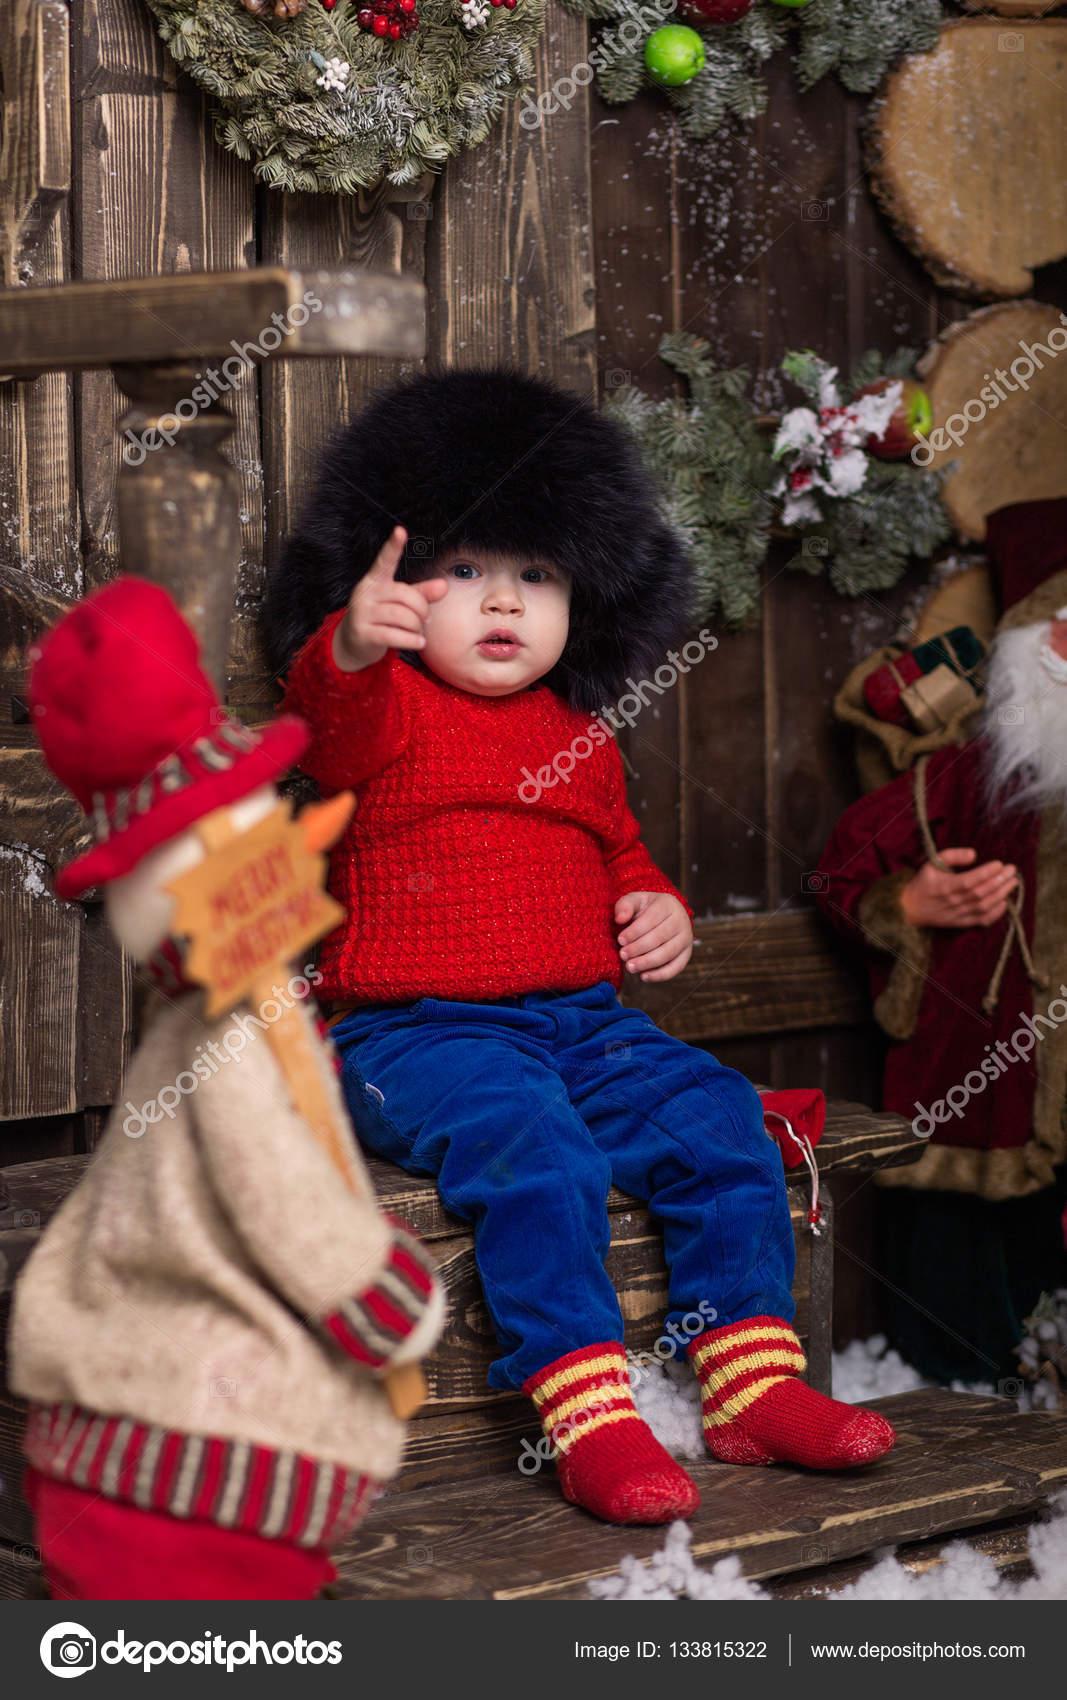 4cf412df5a8 Portrét mrňavá holka v pletená červená svetr a kožešinové čepice. Roztomilé  dítě v vánoční ozdoby — Fotografie od nadin1601877 gmail.com